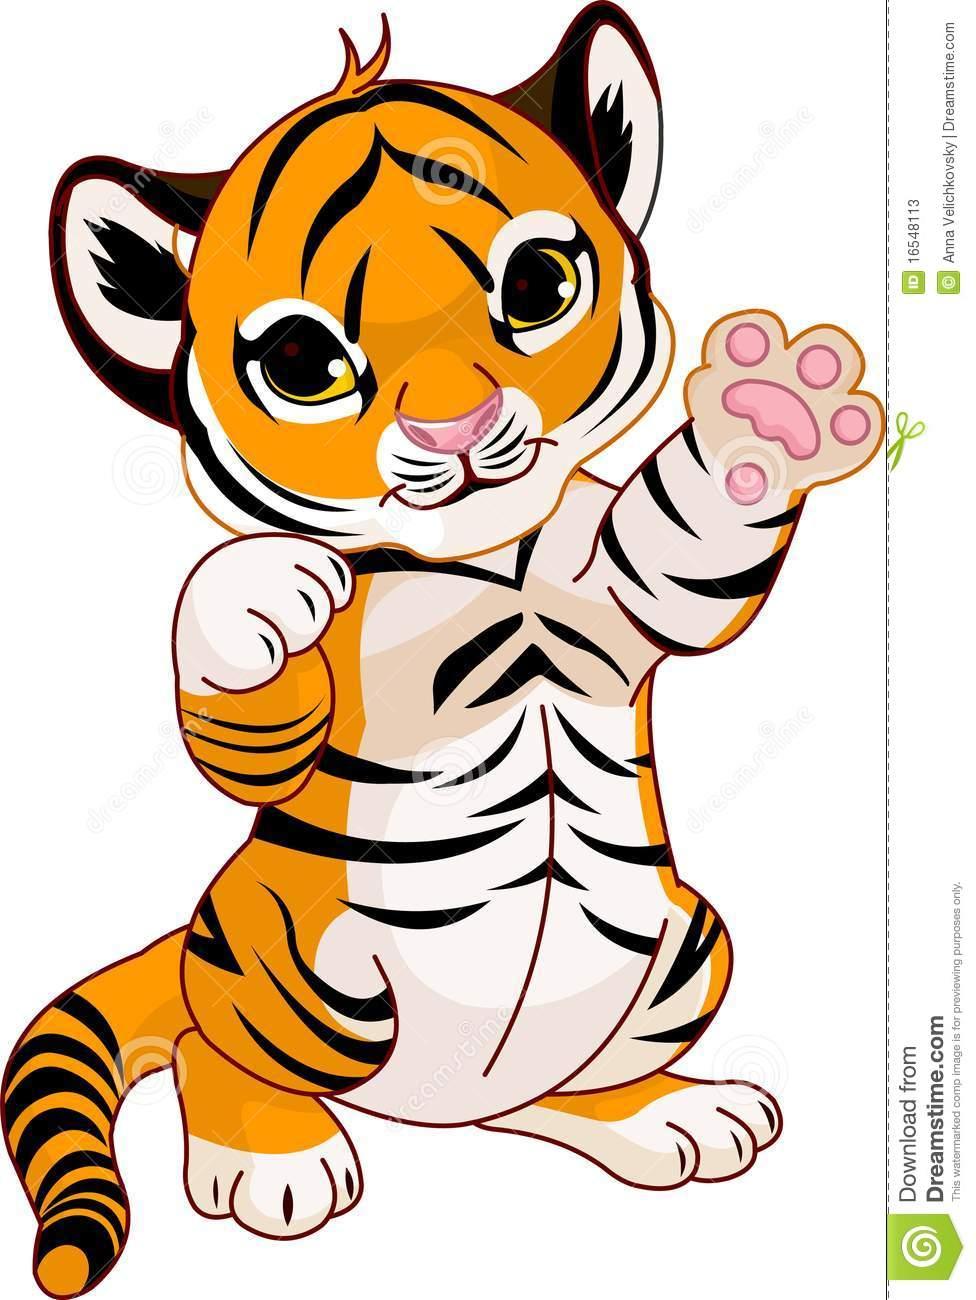 976x1300 Cub Clipart Cute Tiger